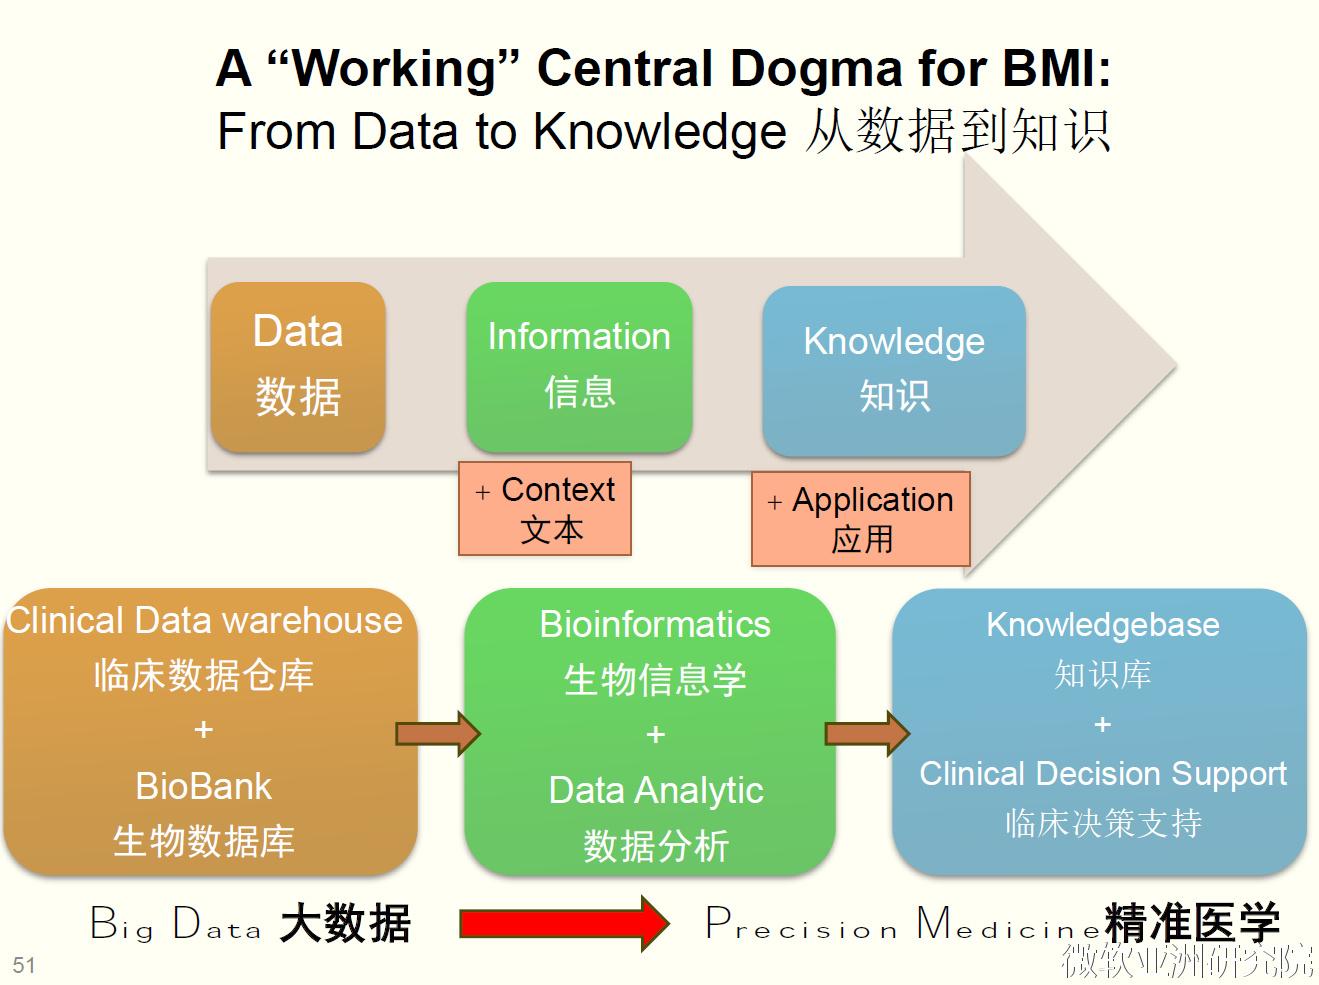 智慧医疗,需要的不只是大数据